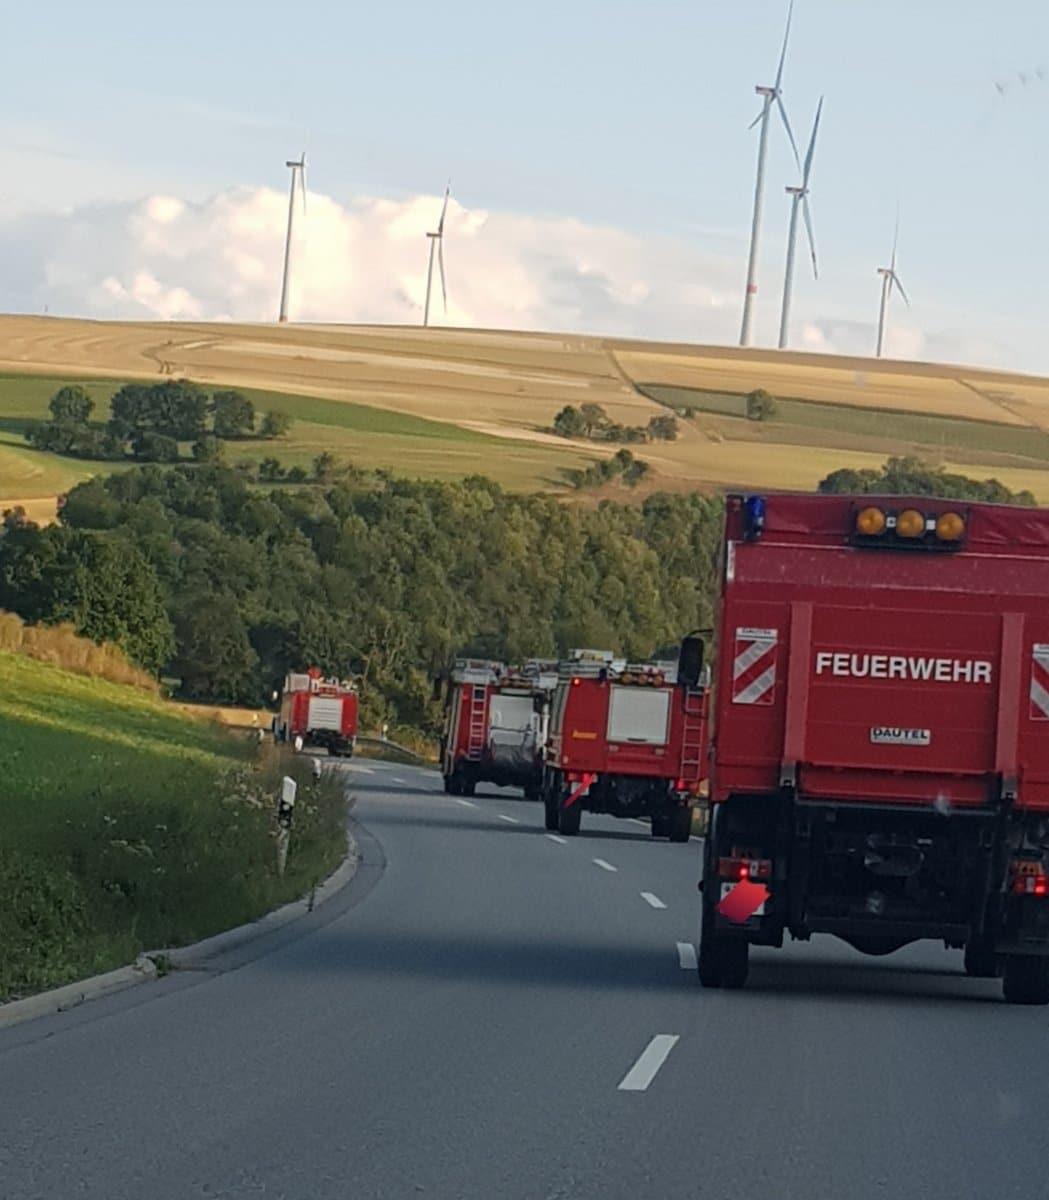 feuerwehr2 - Freiwillige Feuerwehr: Constanzes ehrenamtlicher Mama-Ausgleich -